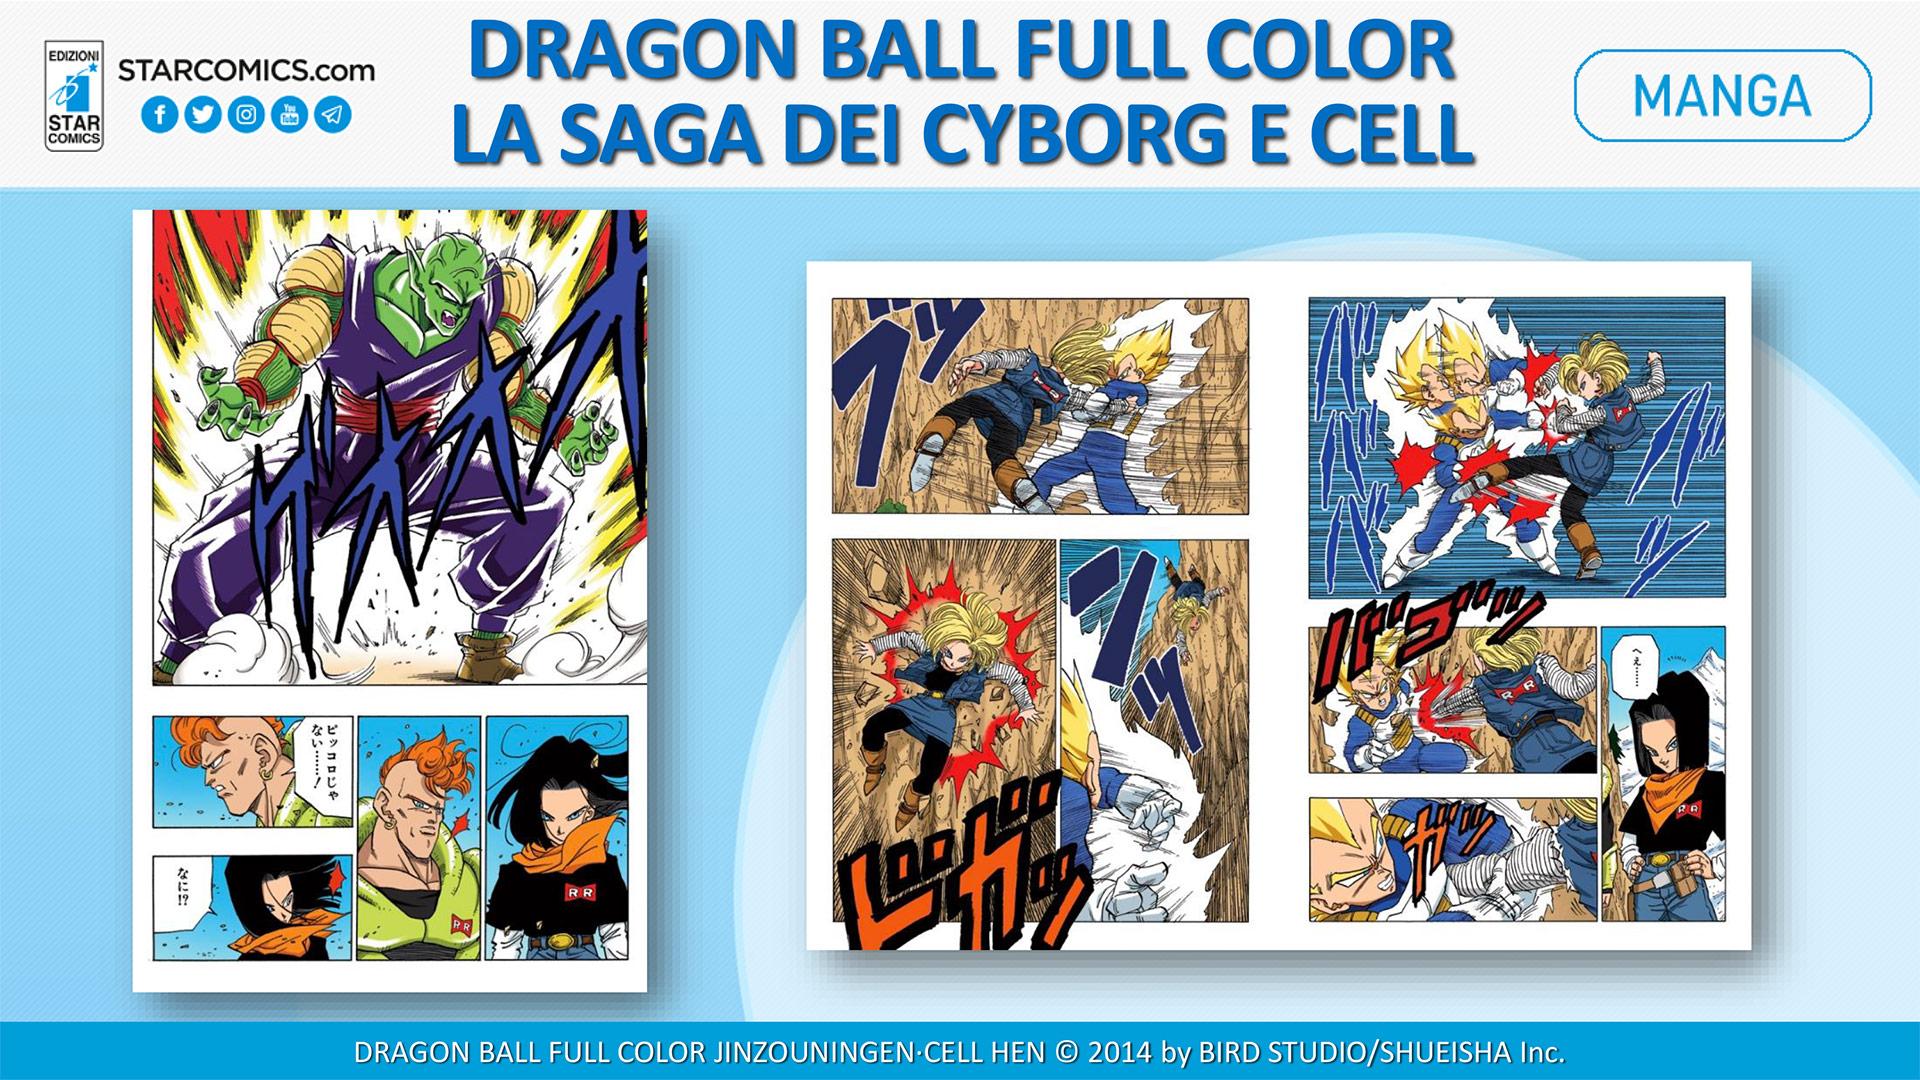 dragon ball full color saga cyborg cell